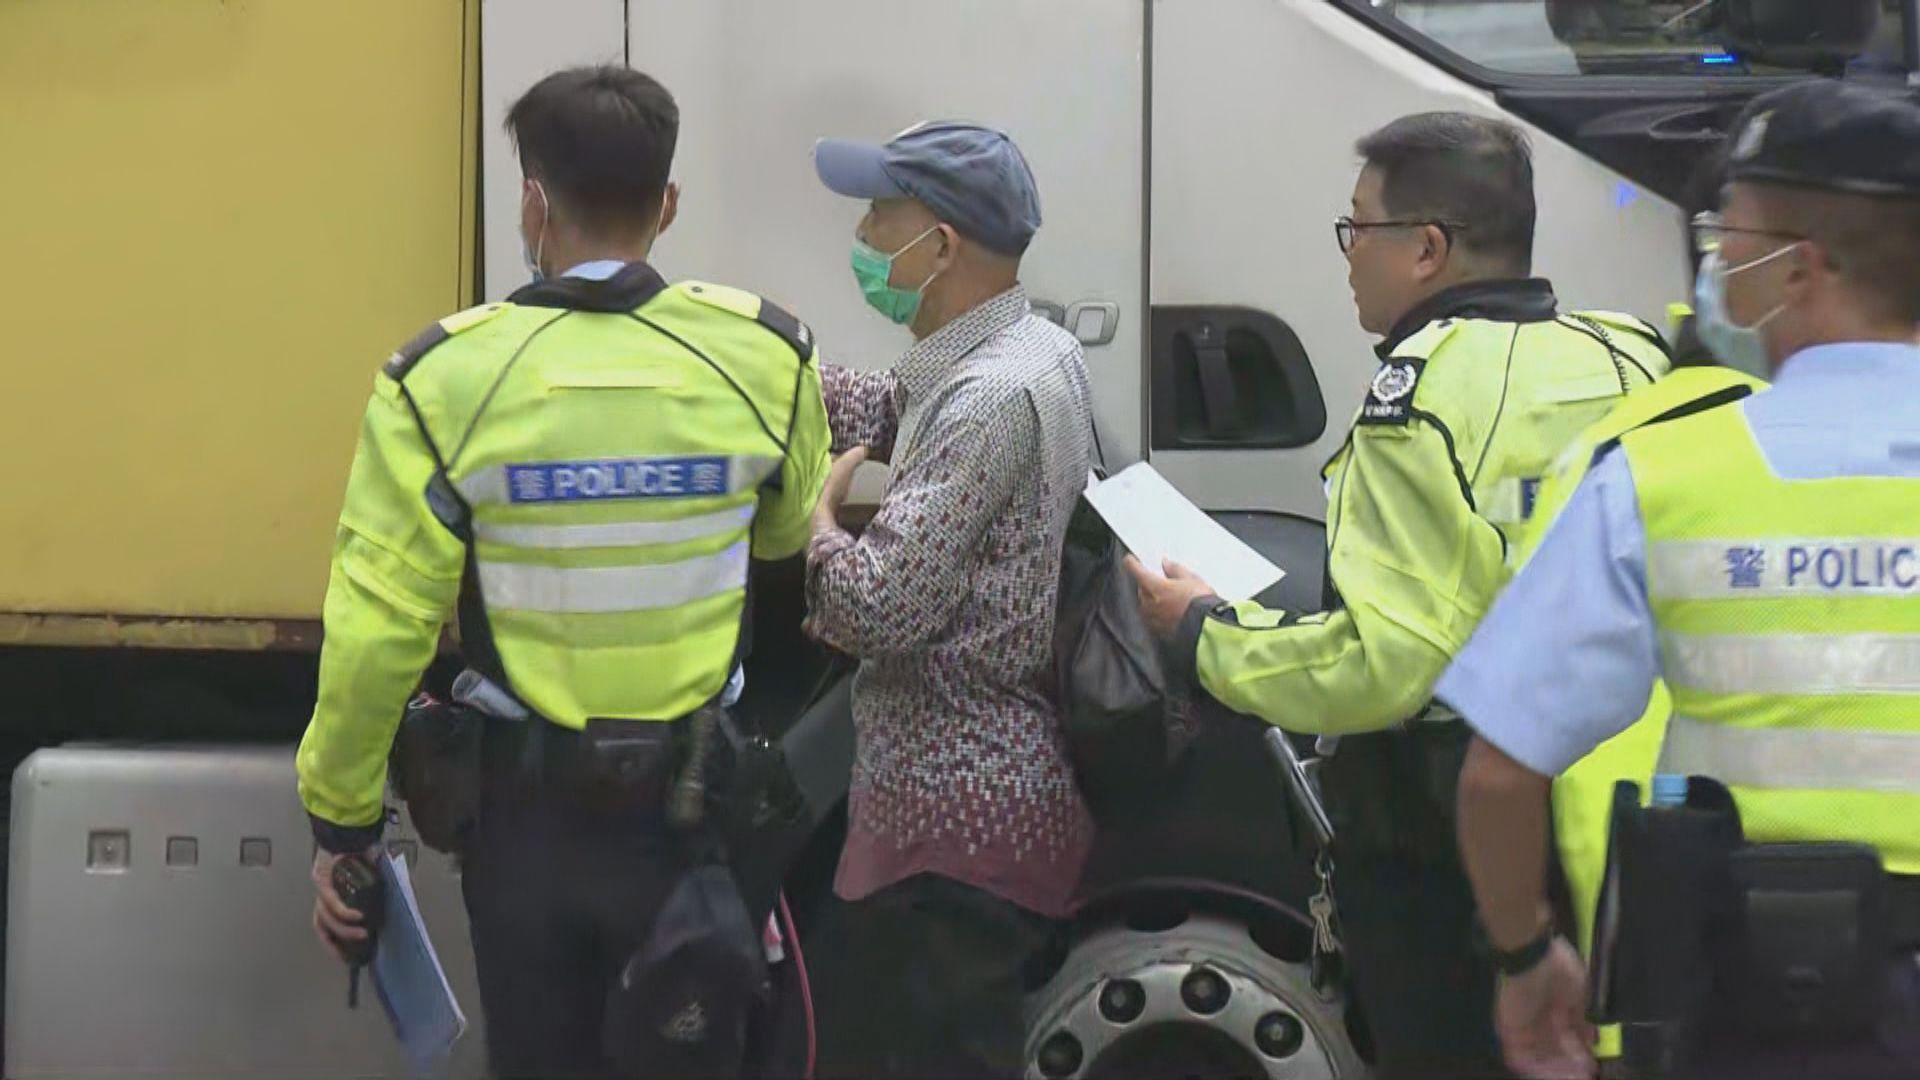 警方拘捕64歲洗街車司機 會循司機駕駛態度方向調查